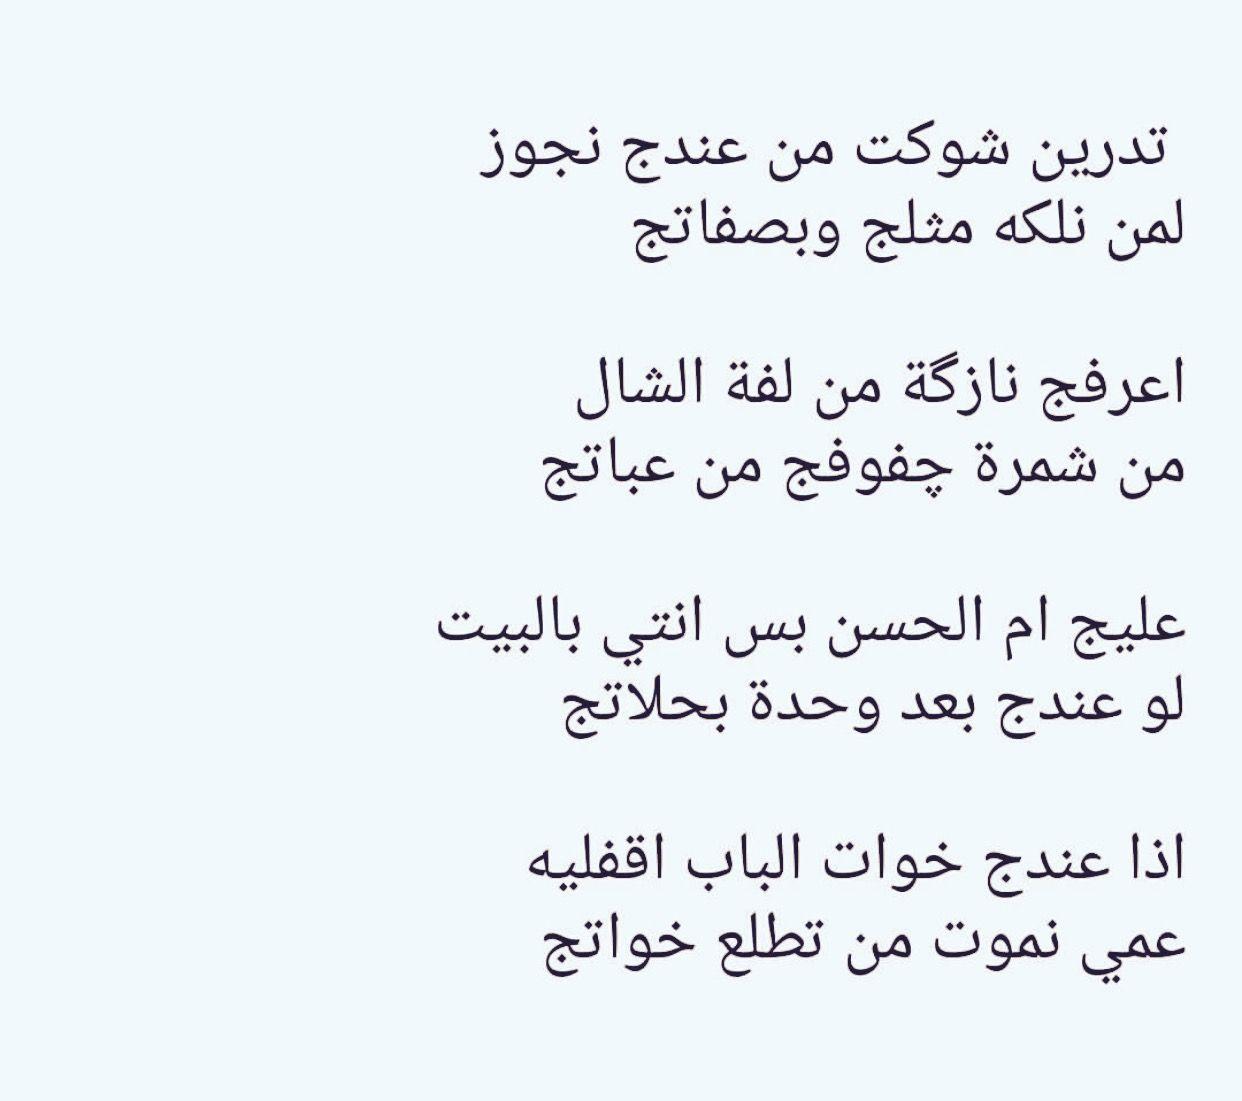 صورة كلمات عراقيه حب , ما اجمل المشاعر الرقيقة 3711 5